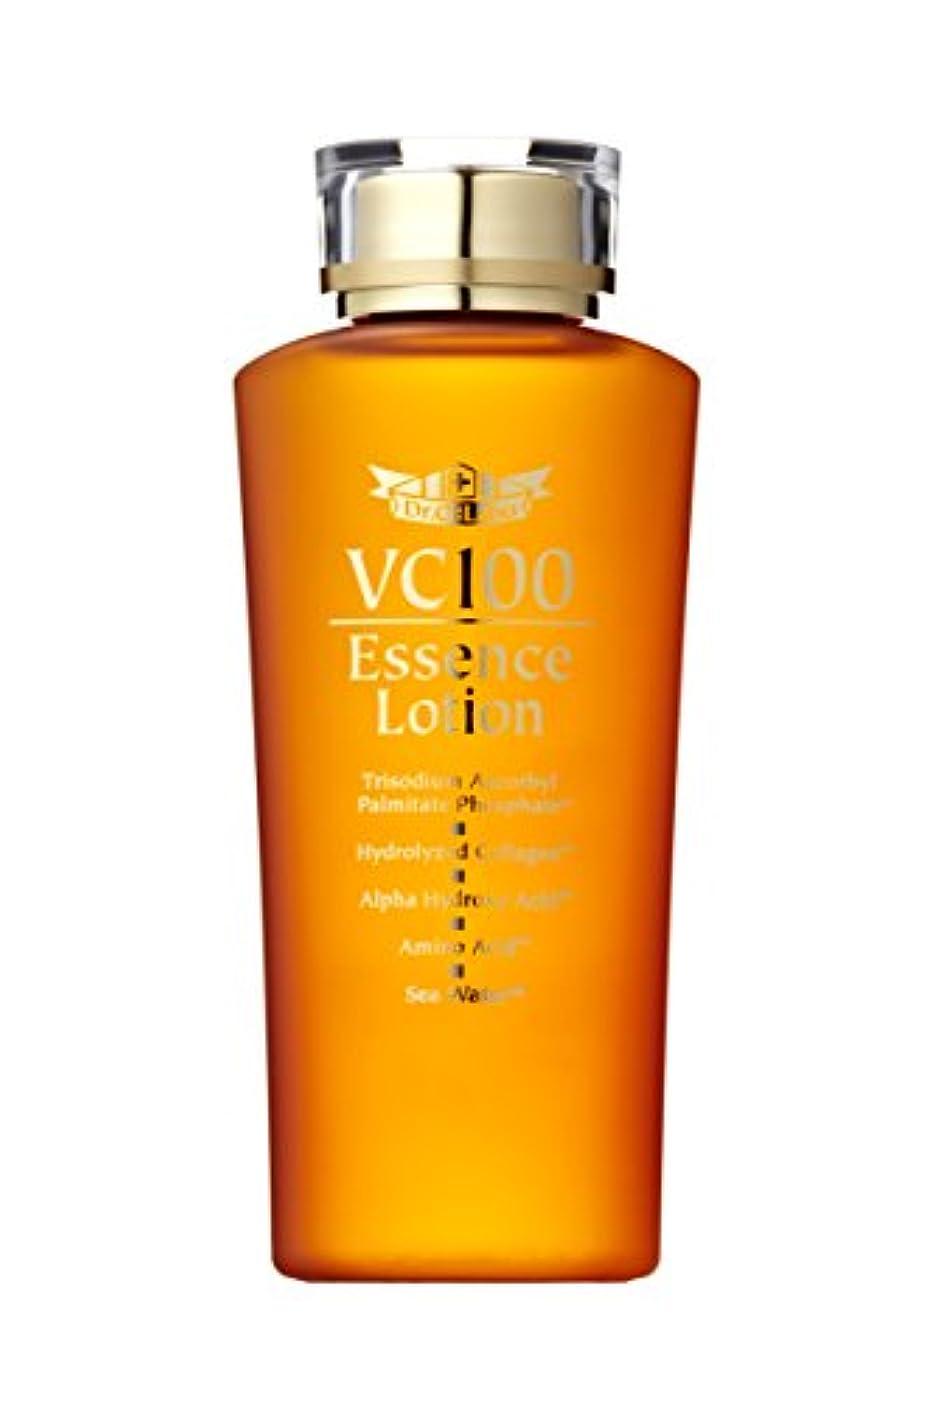 シャッフル探検意志ドクターシーラボ VC100エッセンスローション 高濃度ビタミンC 化粧水 単品 150ml